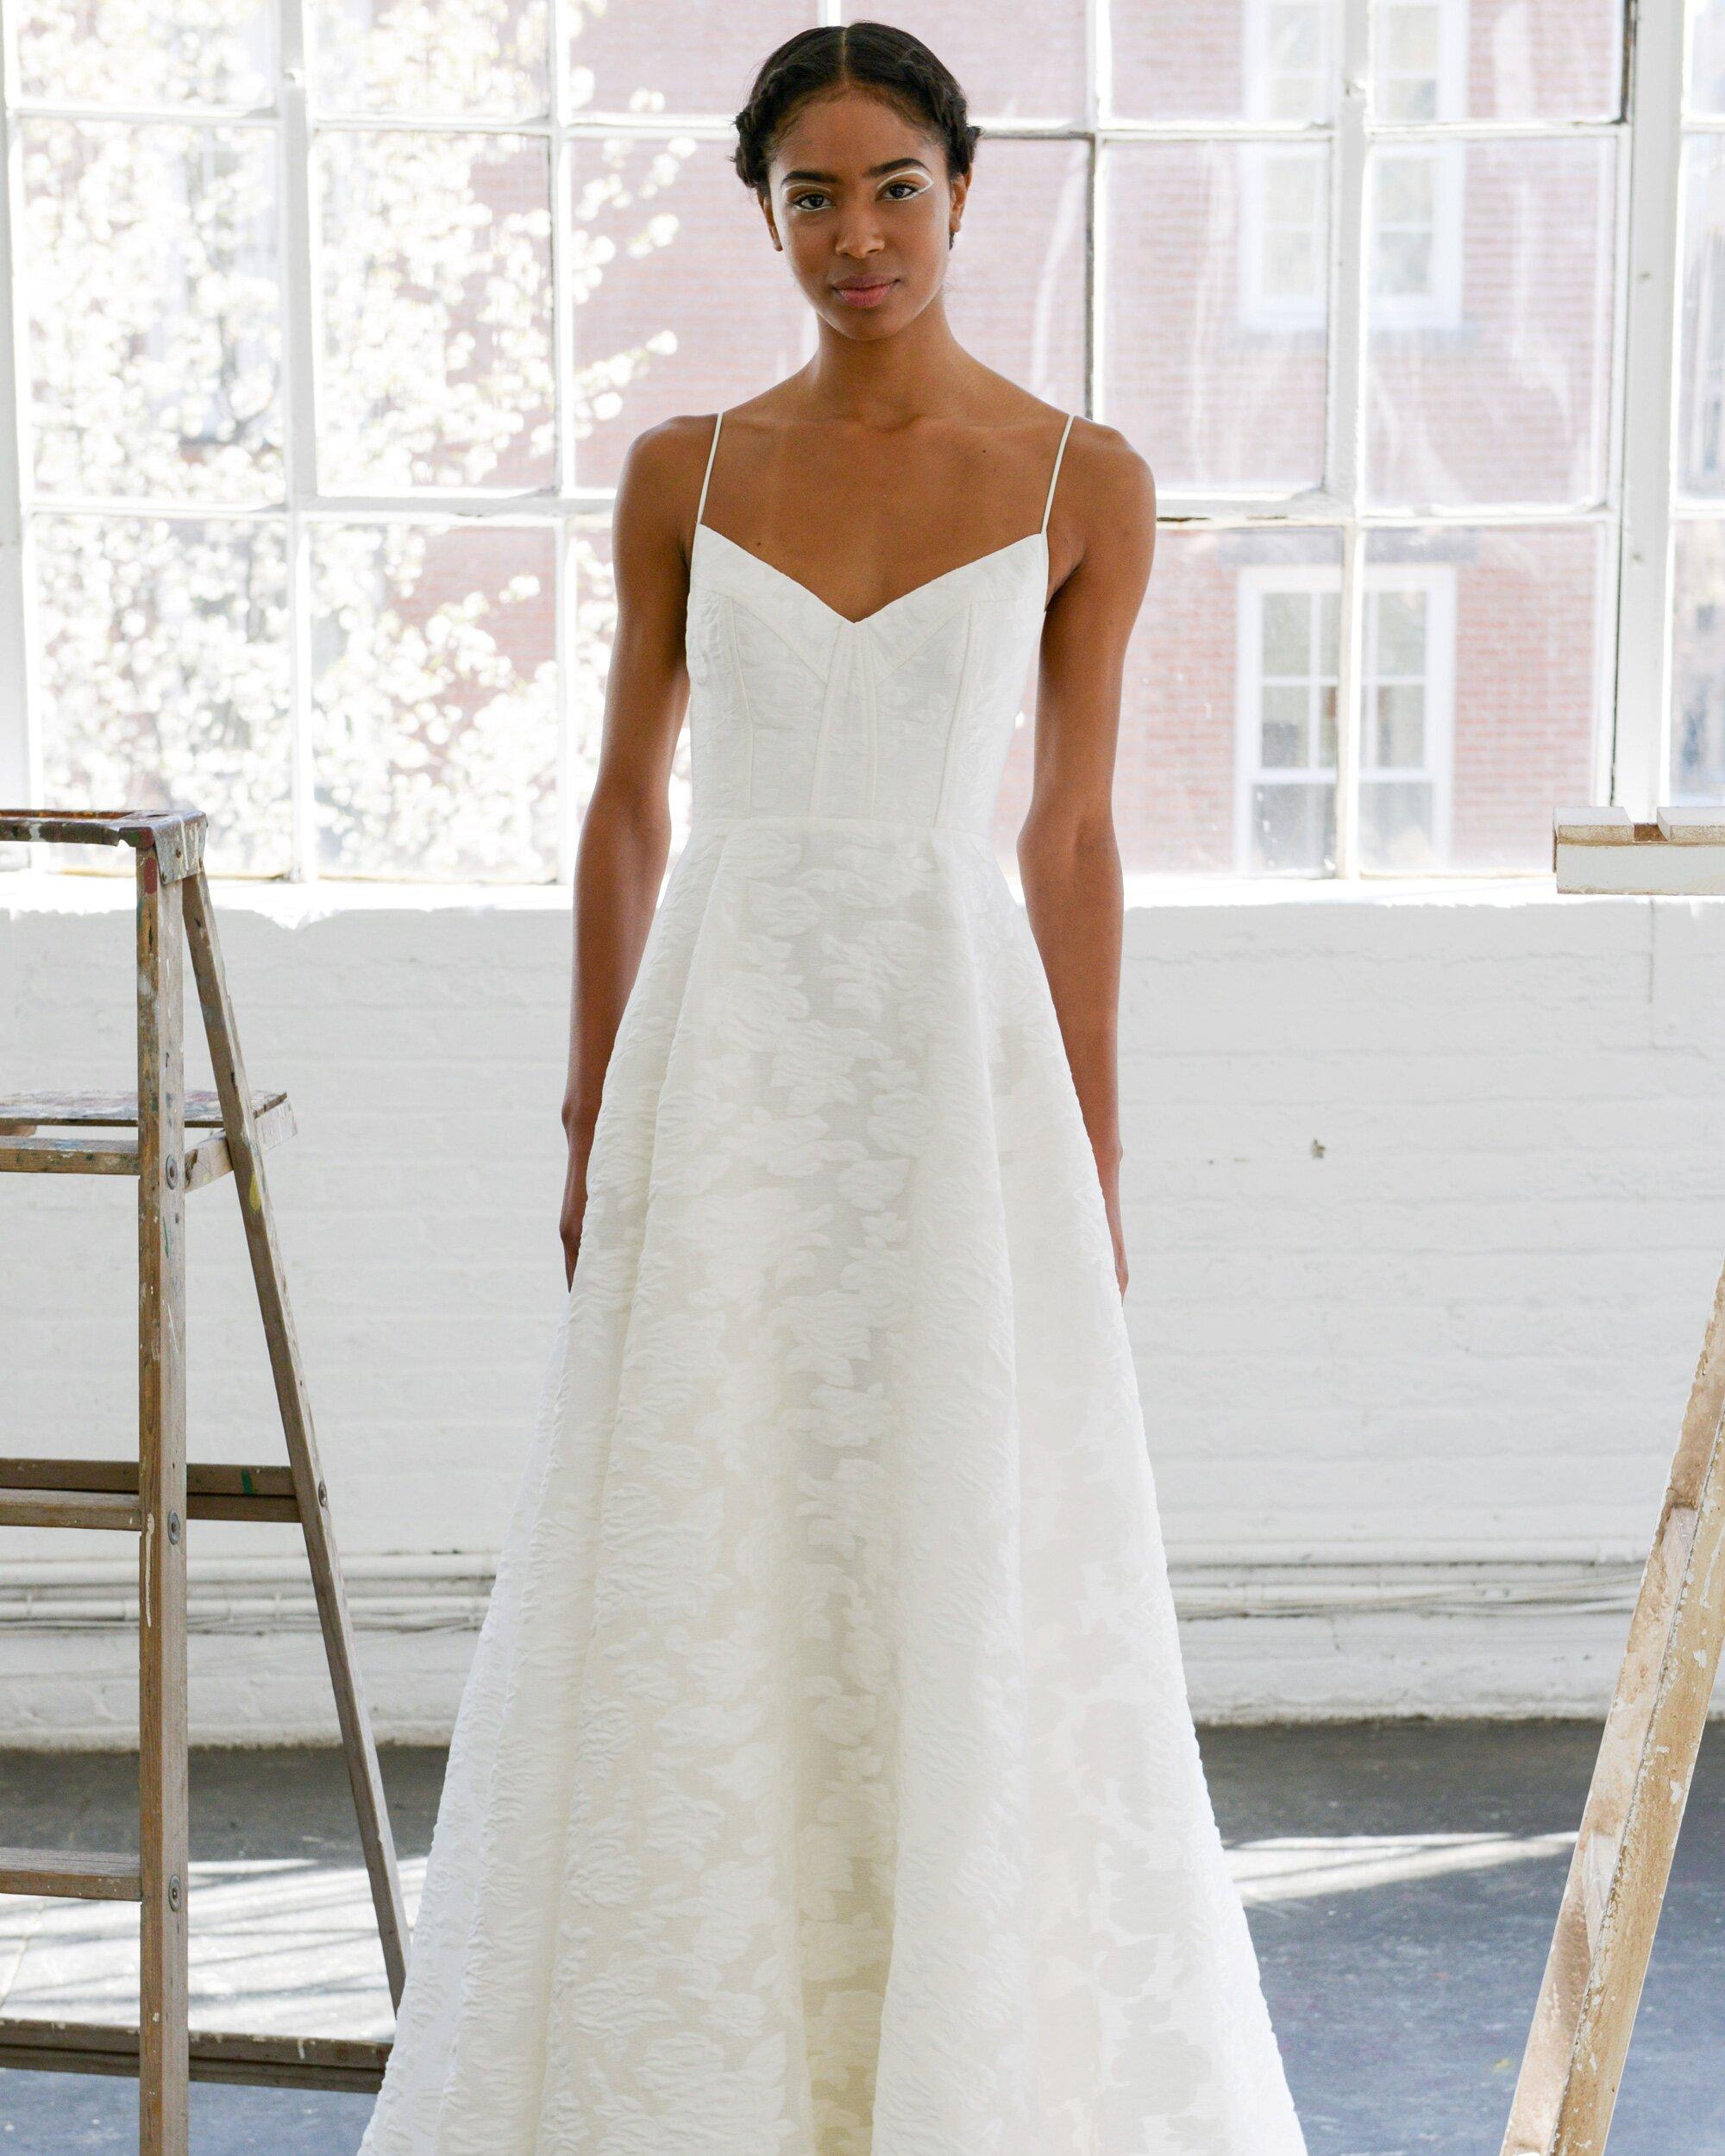 Lela Rose Spring 2017 Wedding Dress